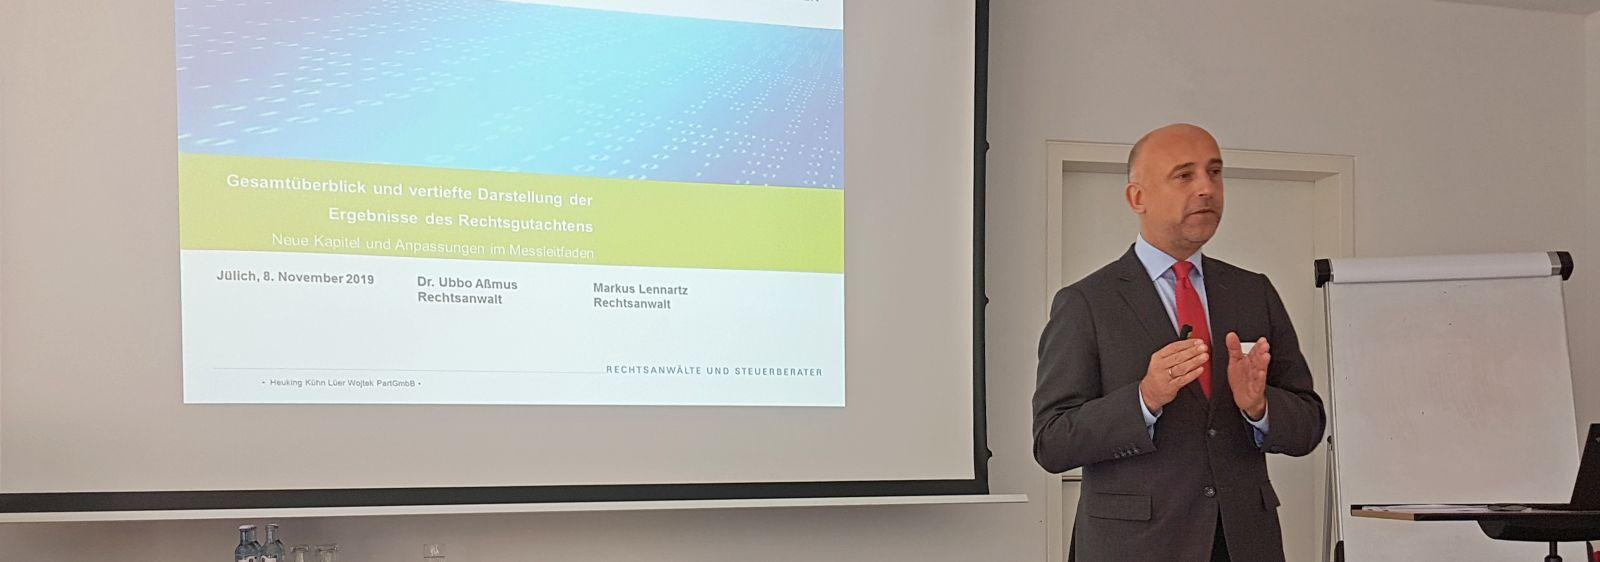 Rechtsanwalt Markus Lennartz erklärte in seinem Vortrag, dass Datenschutz den wissenschaftlichen Erkenntnisgewinn grundsätzlich nicht einschränken darf.